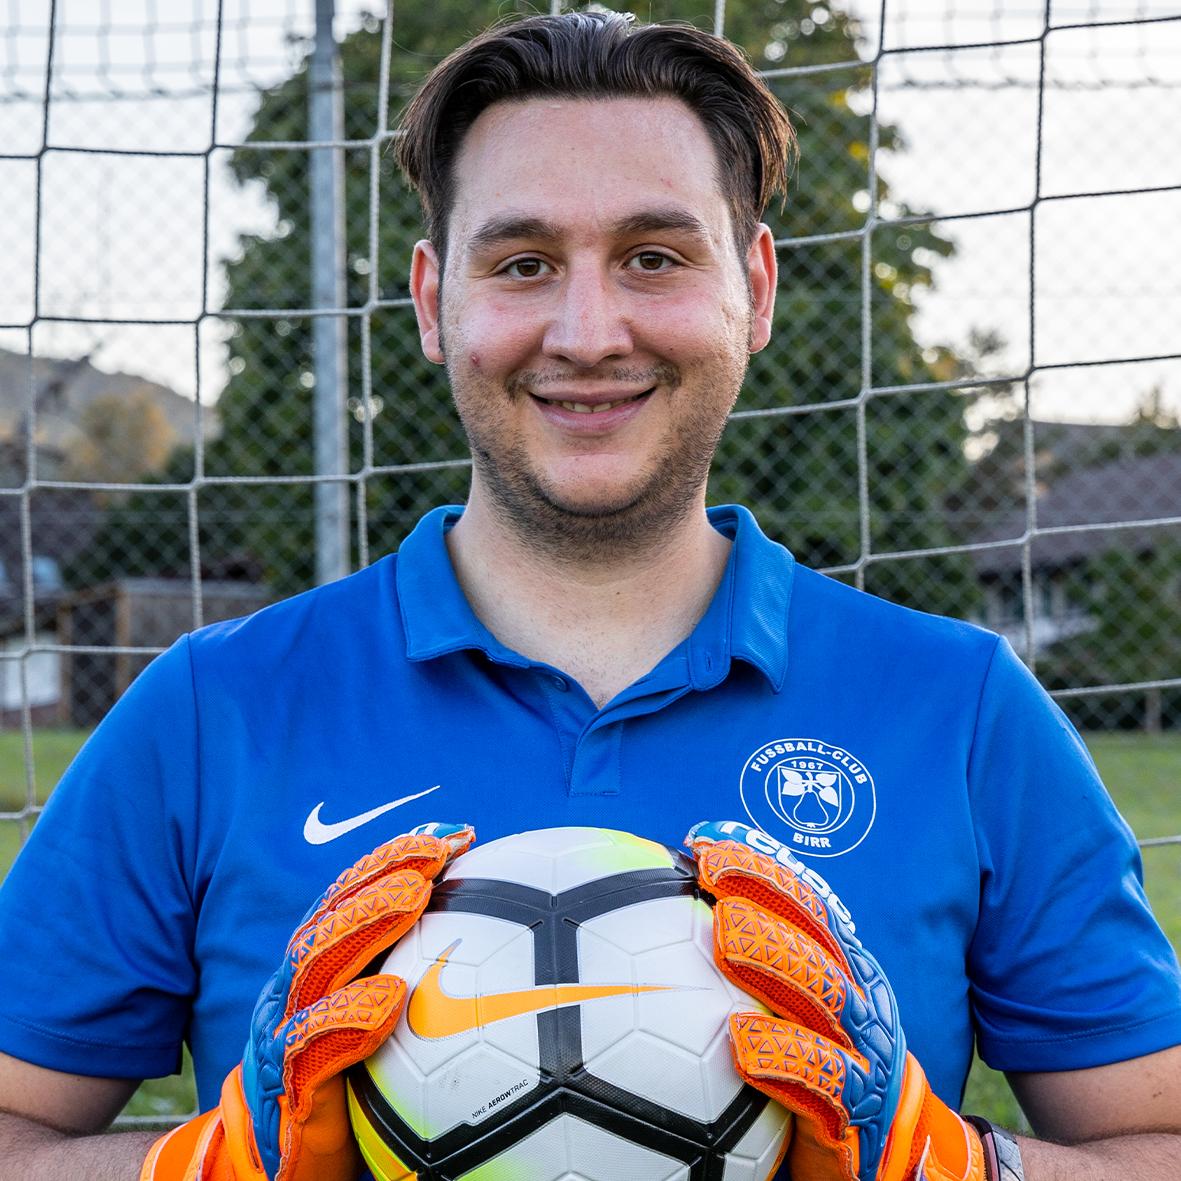 Daniele Pellegrino